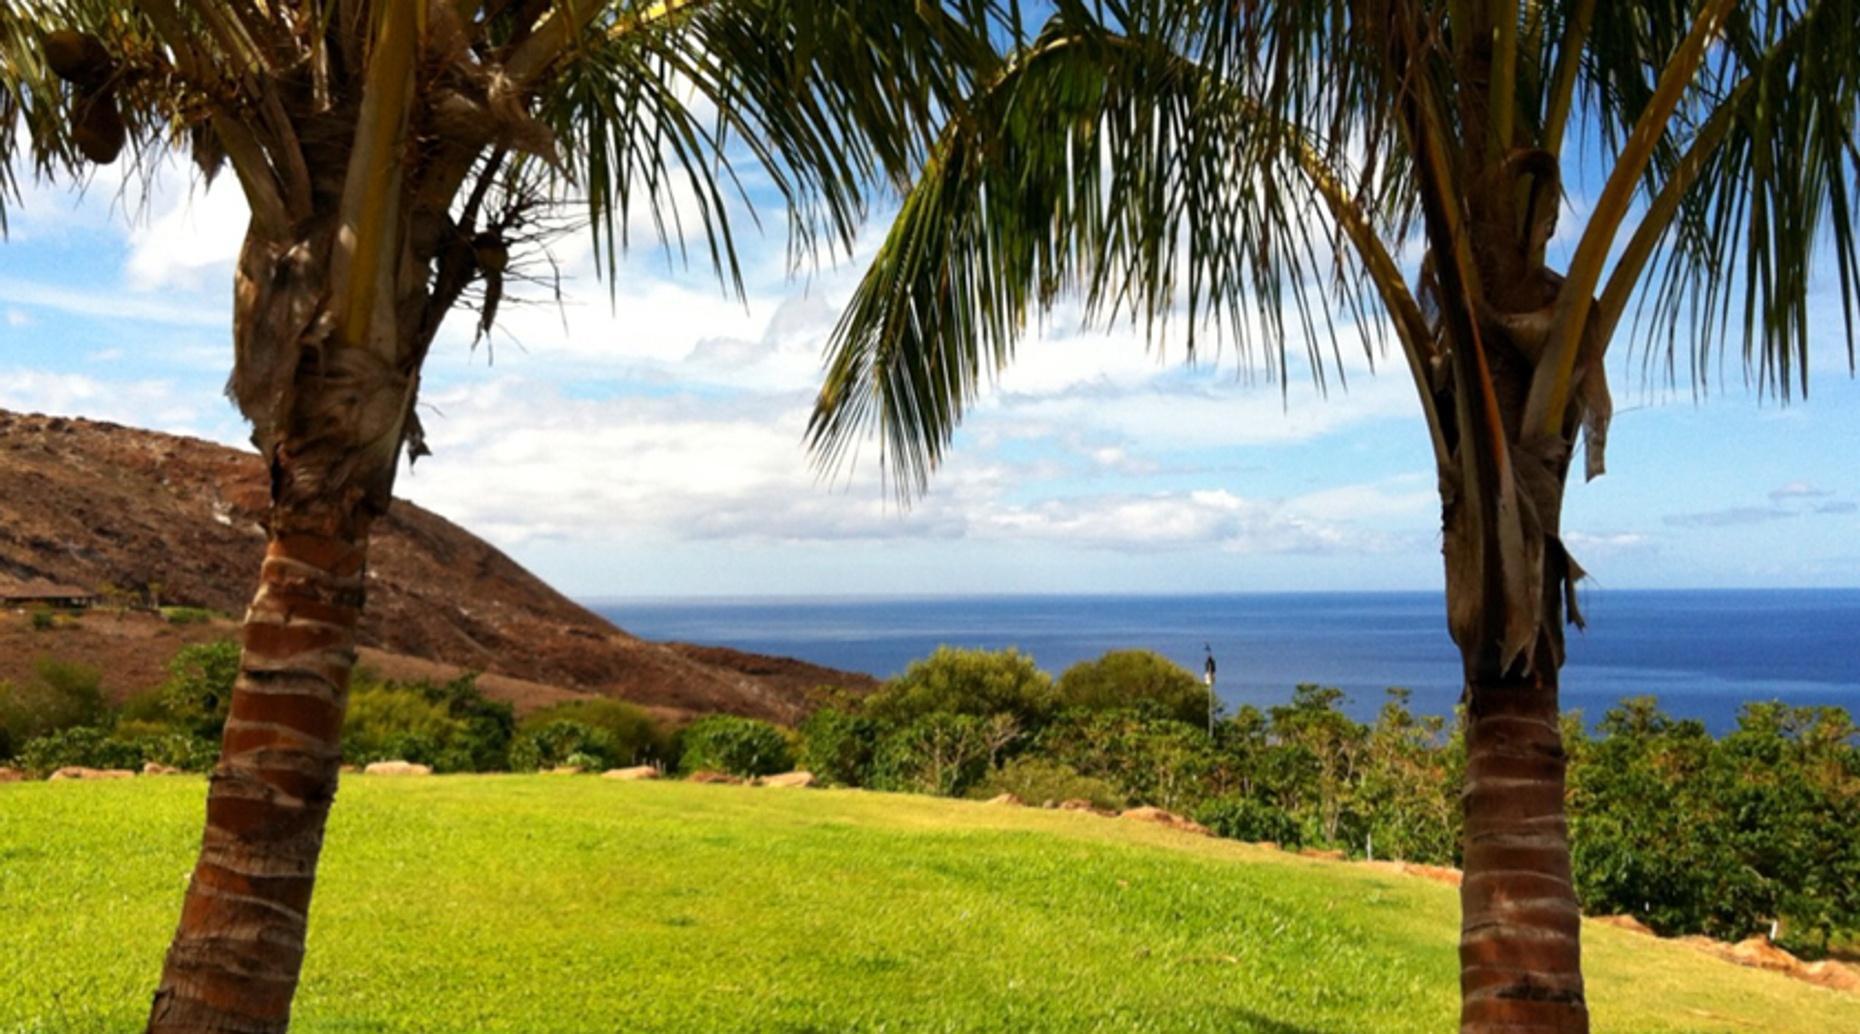 West Maui Coffee Tour